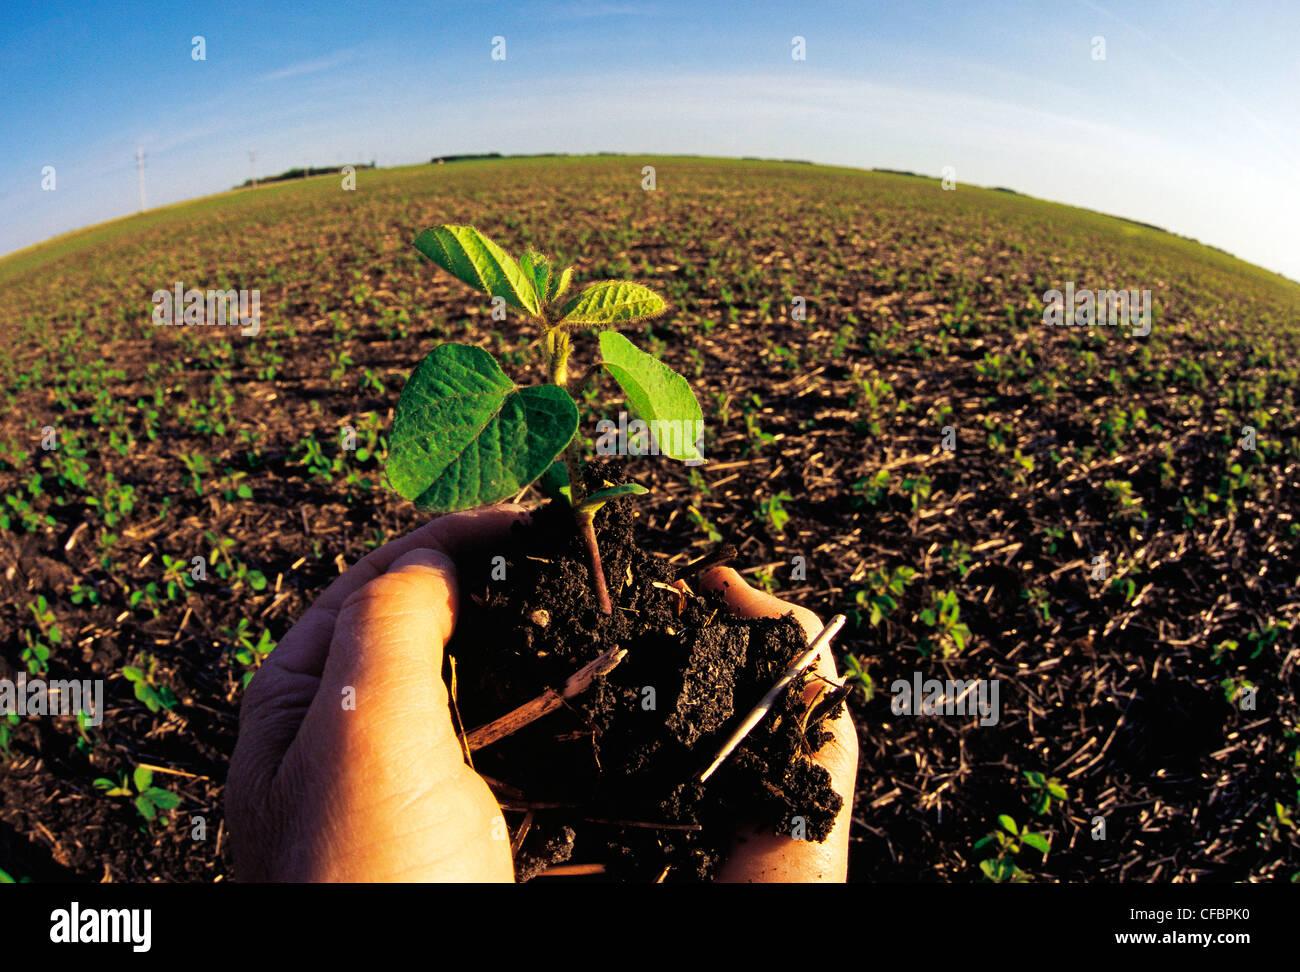 Mano sosteniendo el crecimiento temprano cerca de la planta de soya Dugald, Manitoba, Canadá Imagen De Stock